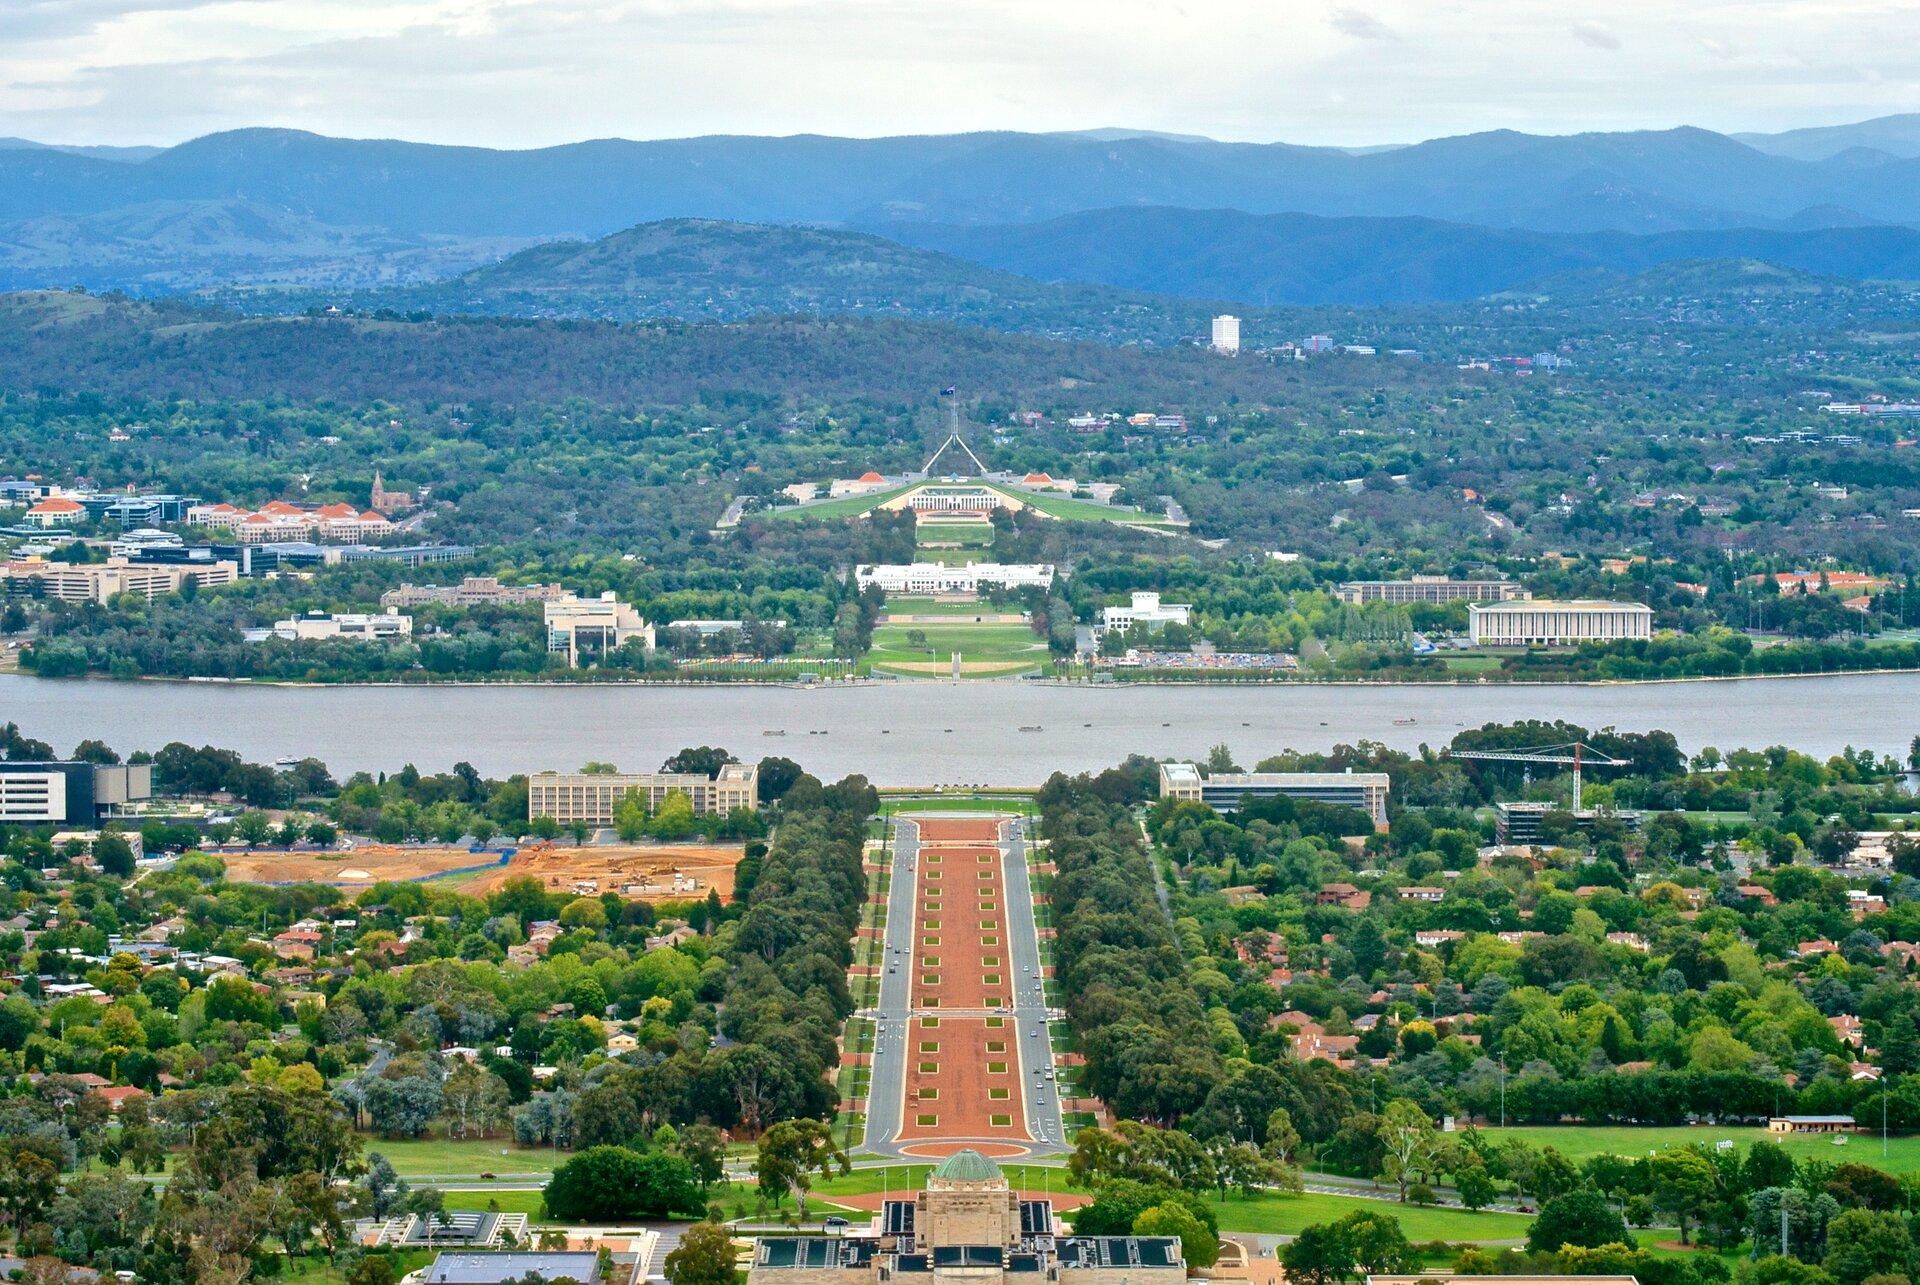 Na zdjęciu widok na miasto. Widok zgóry na szeroką aleję ikompleks budynków. Dużo terenów zielonych. Pośrodku zbiornik wodny. Wtle wysokie góry.